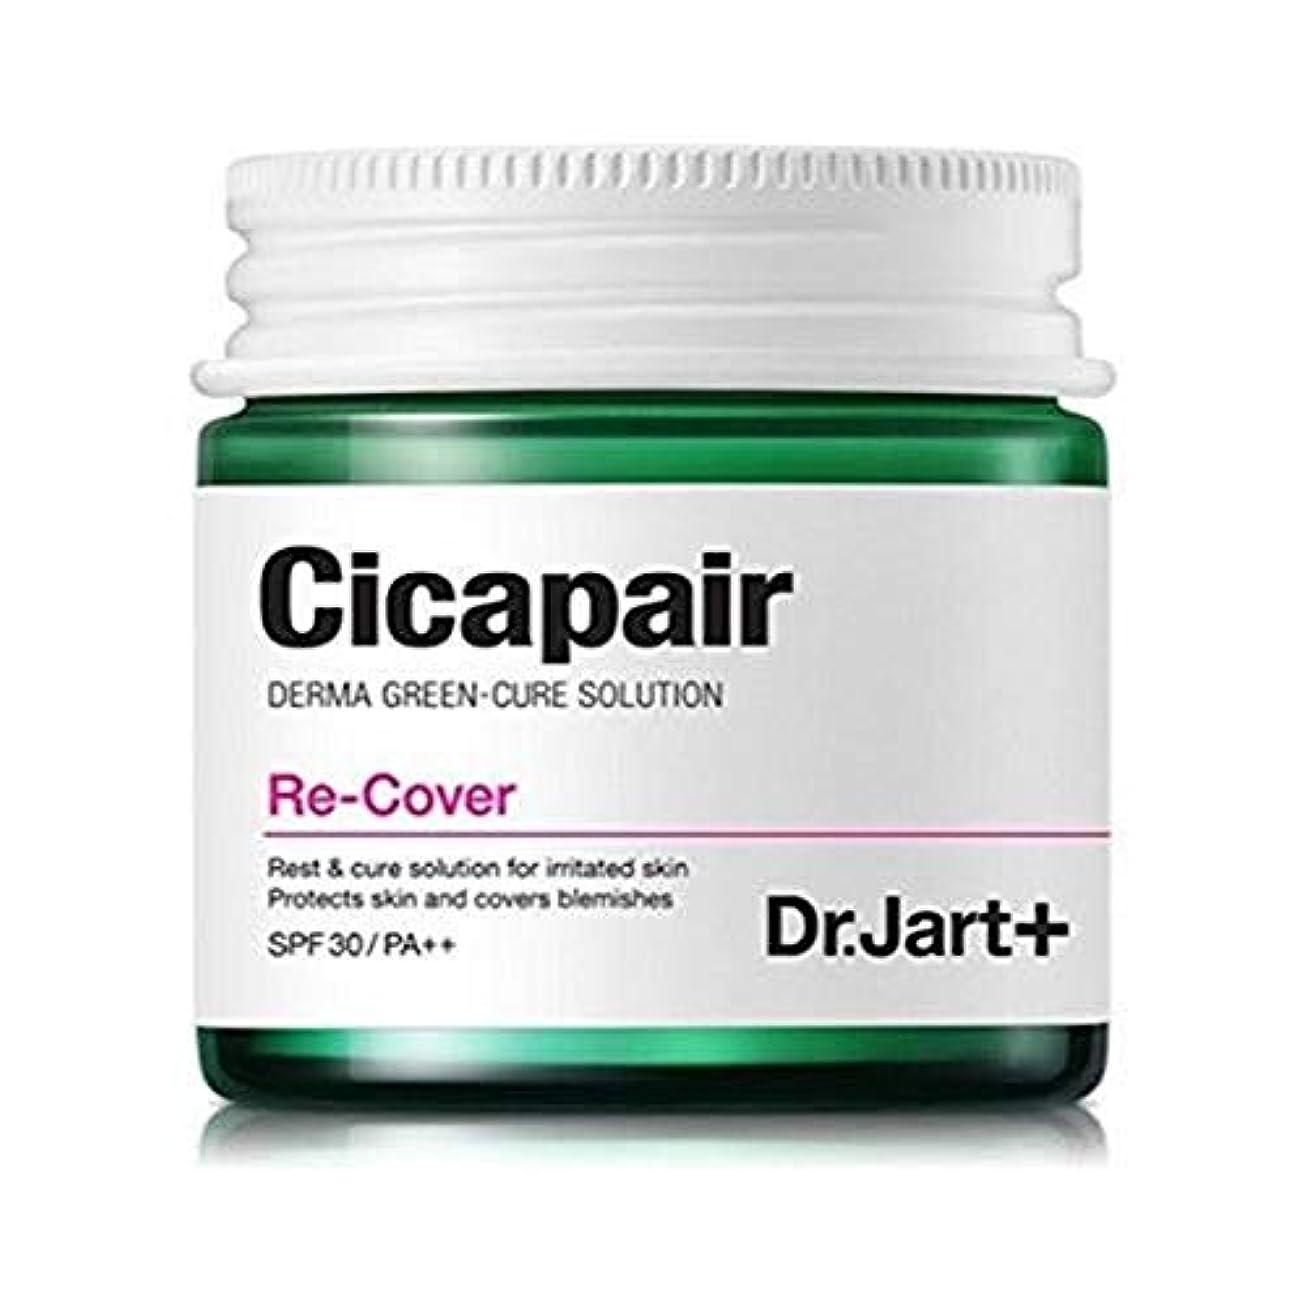 夜明け殺人ケーブル[Dr.Jart+ Cicapair ReCover] ドクタ?ジャルトシカペアリカバ? 皮膚回復と保護紫?線カット ?砂ケア 韓?直送 SPF30/PA++